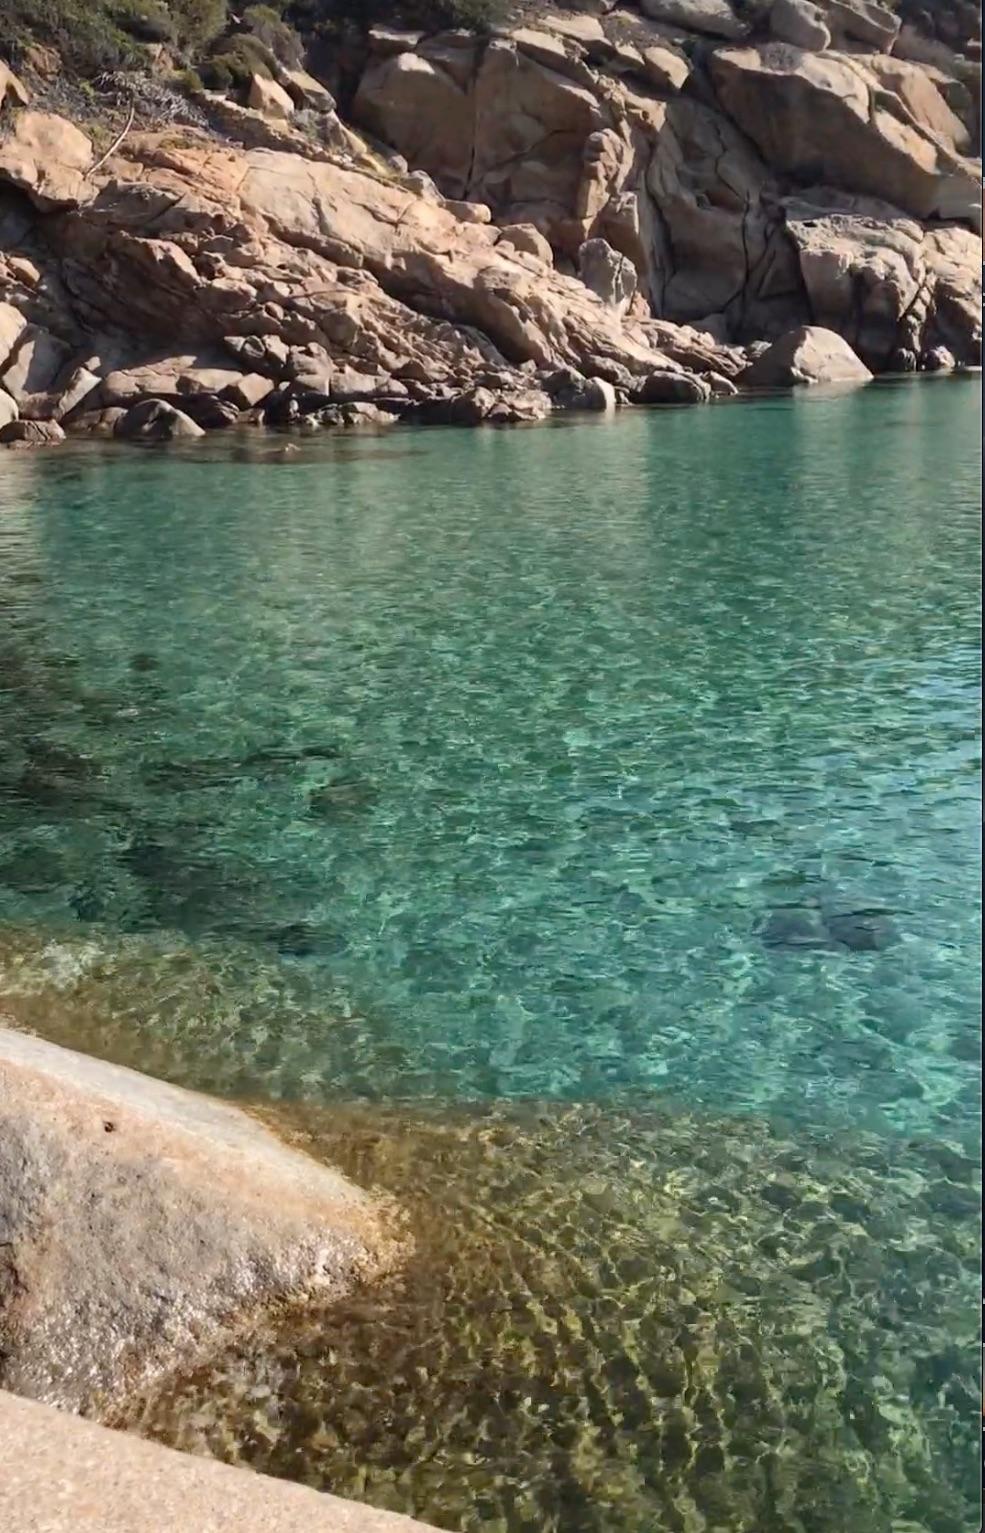 calette cala smeraldo isola del giglio giglionews